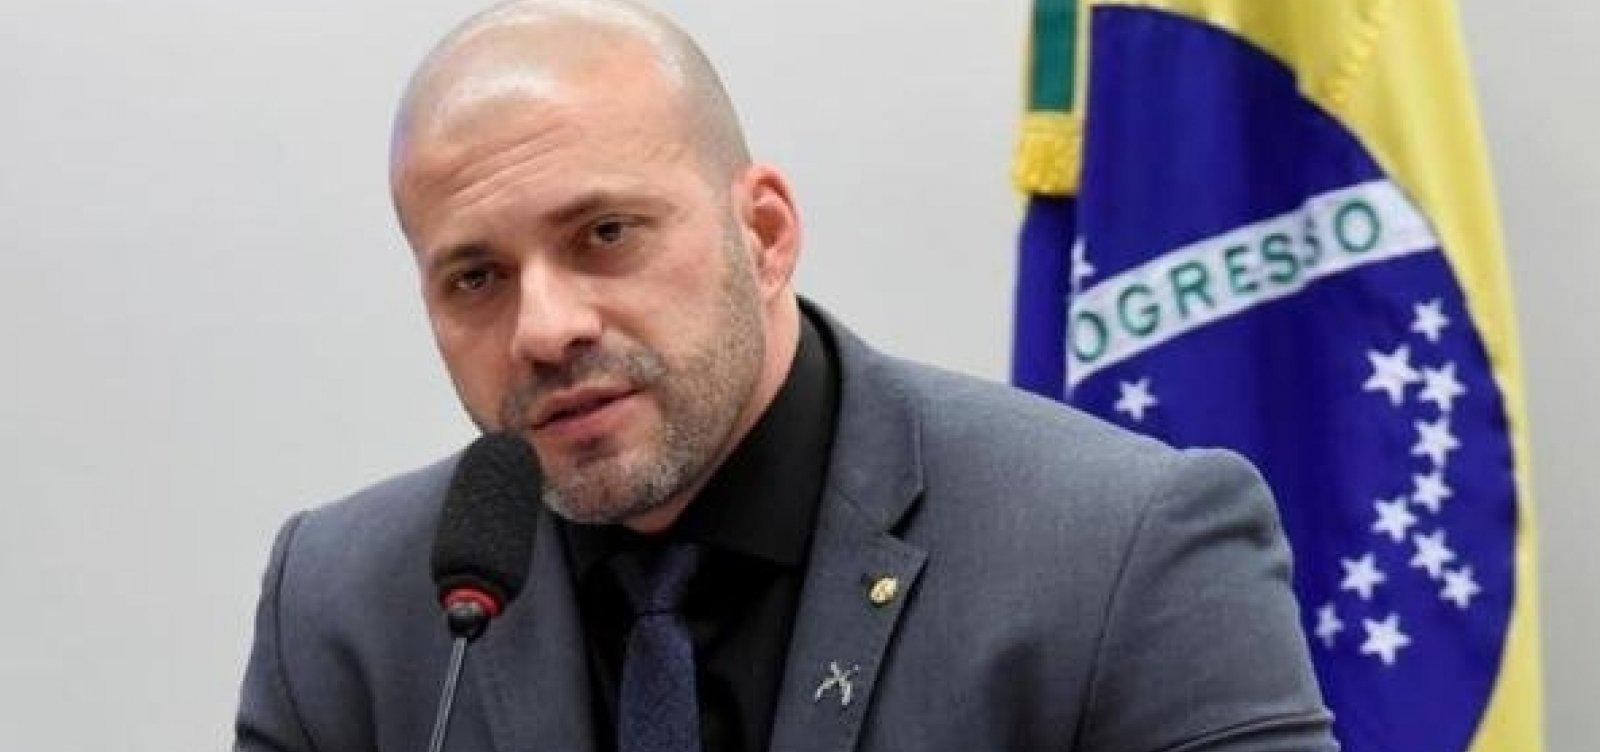 Após audiência de custódia prisão de Daniel Silveira é mantida